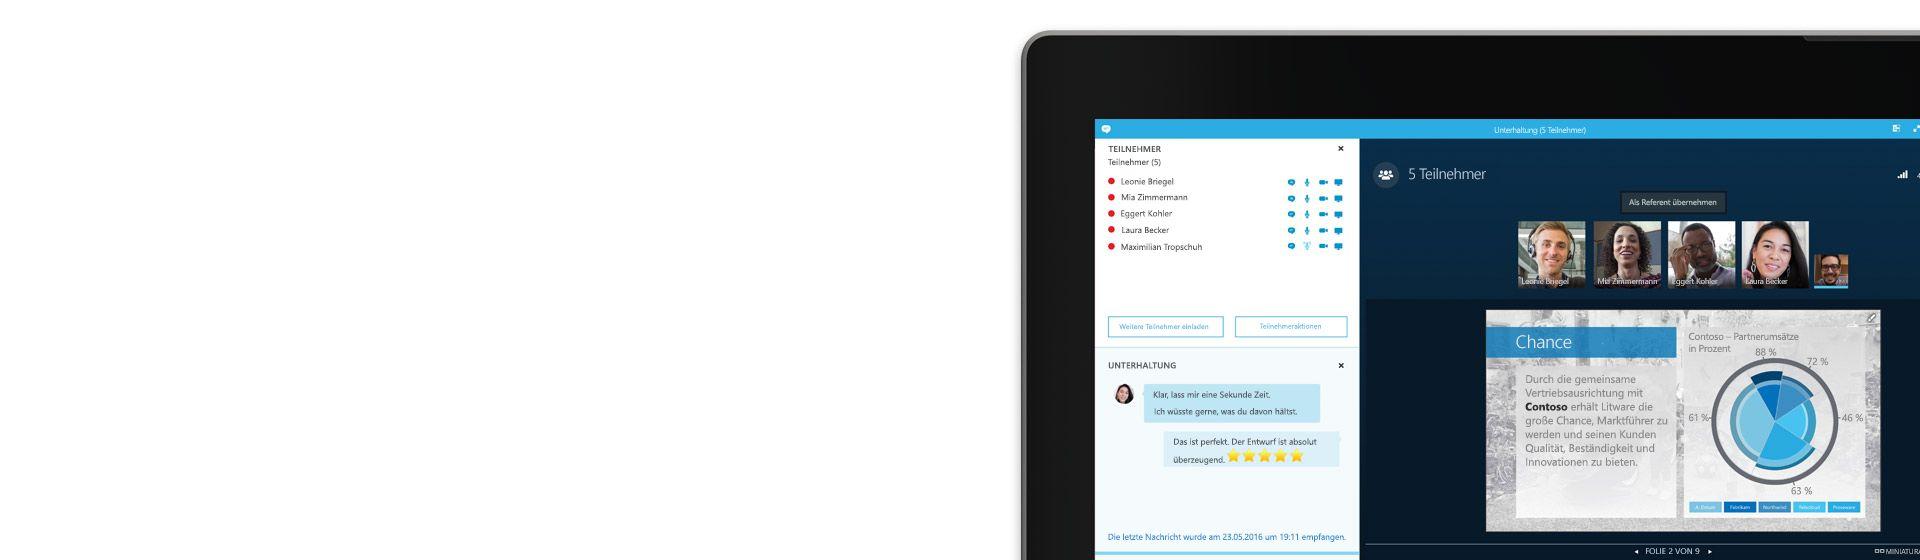 Ausschnitt eines Computerbildschirms mit einer Onlinebesprechung und einer Teilnehmerliste in Skype for Business